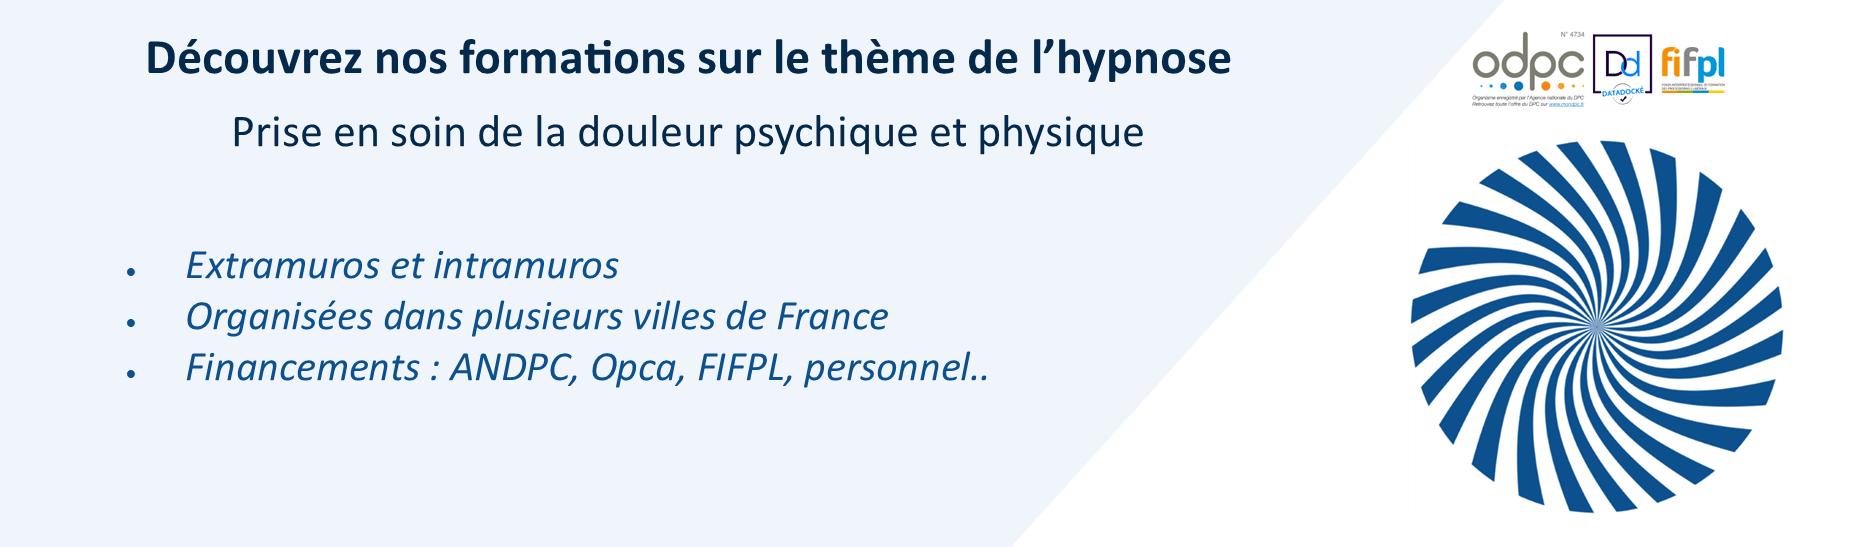 banniere_hypnose_clef-min